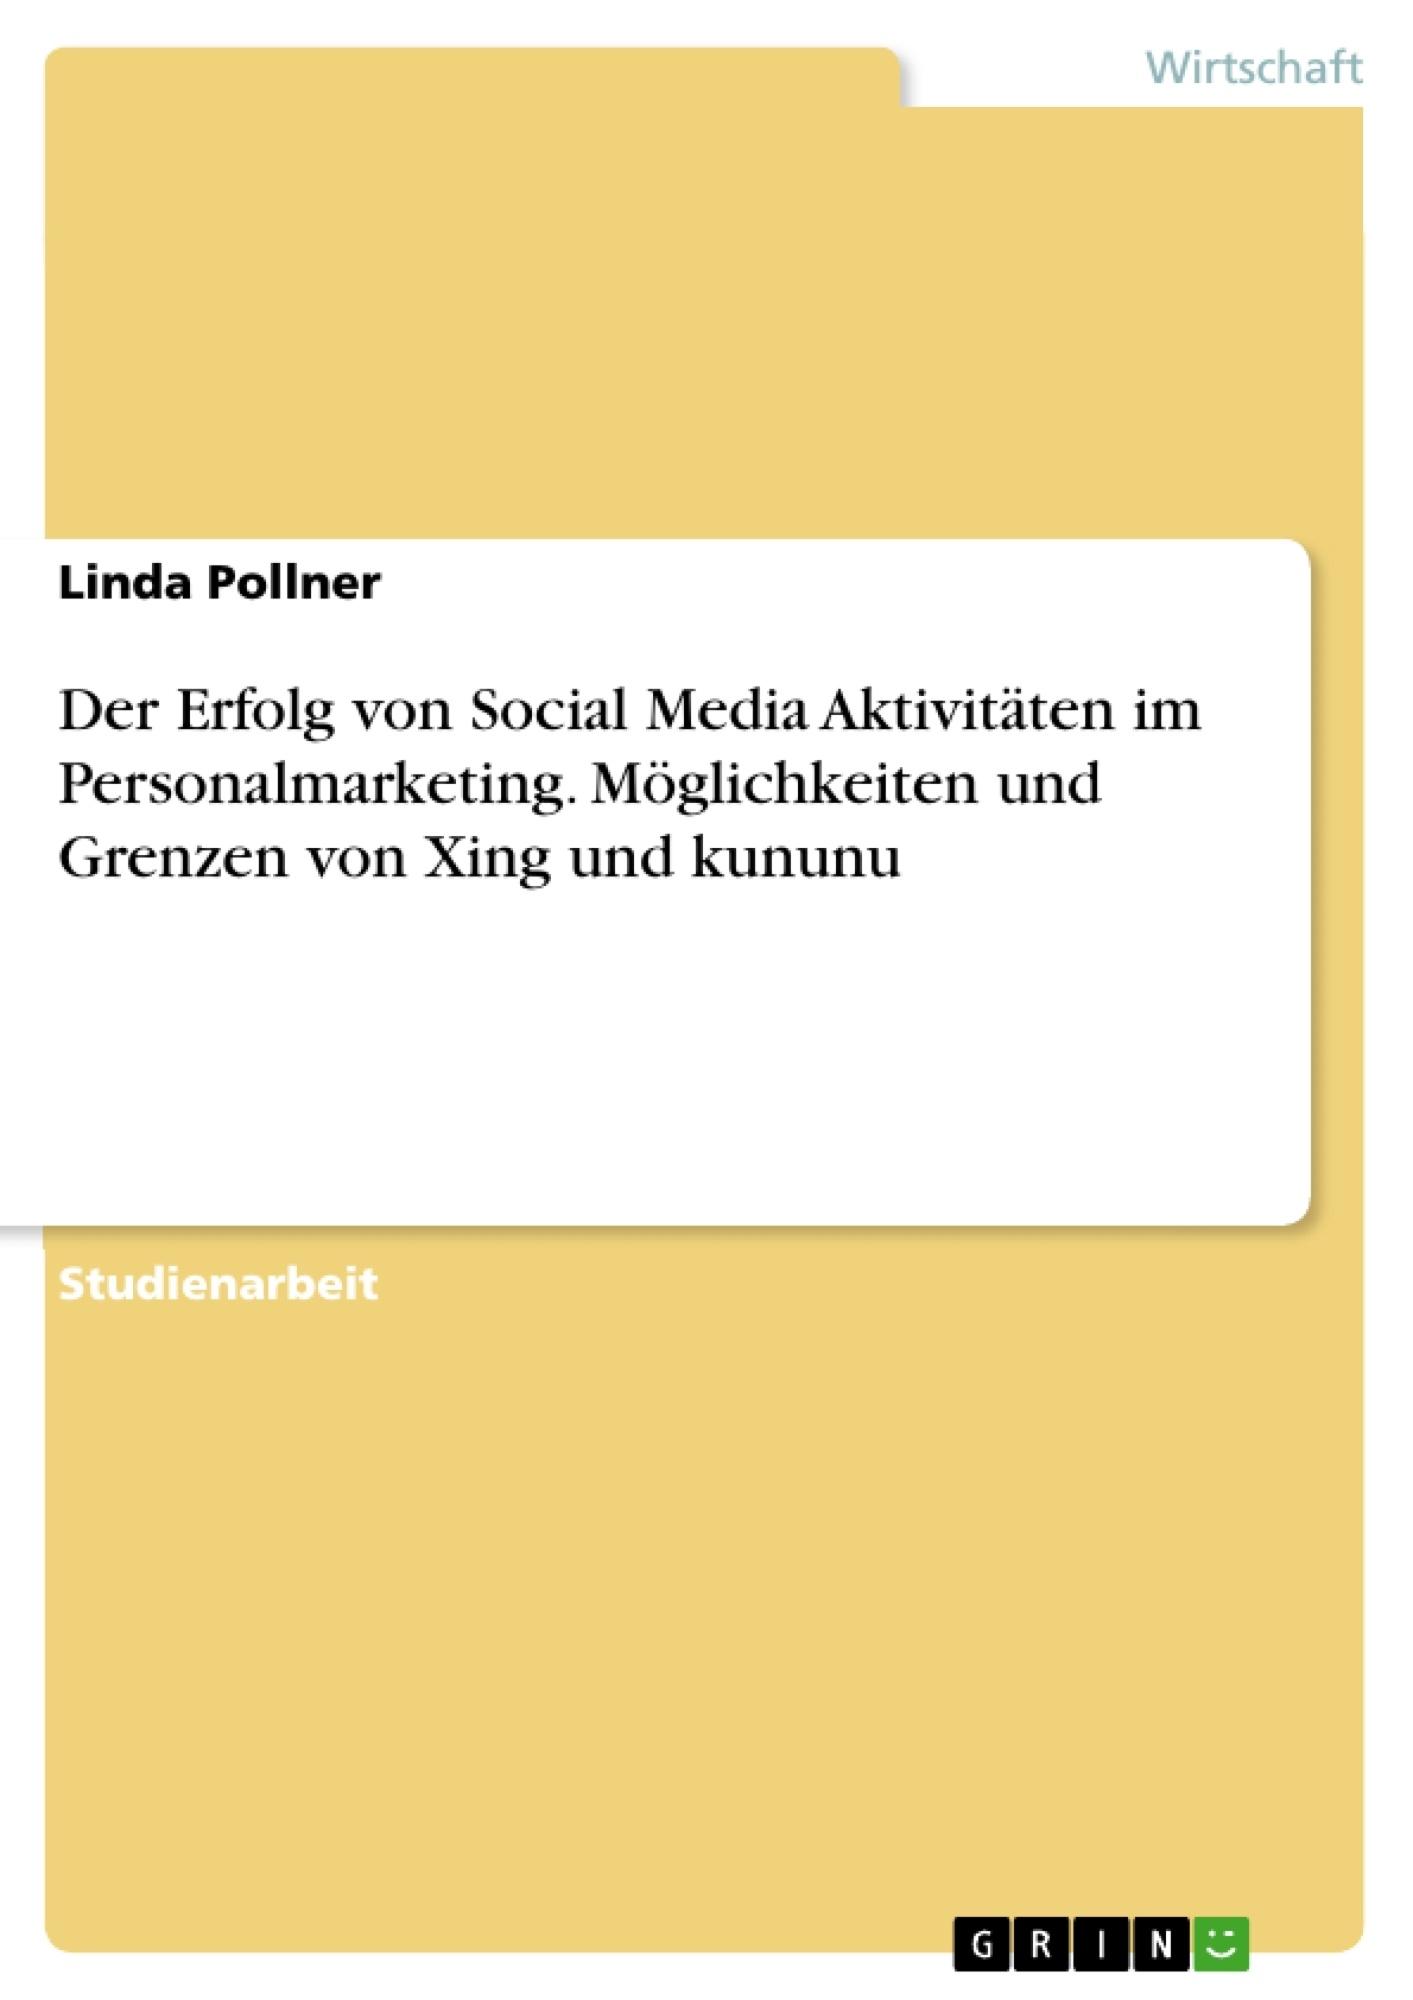 Titel: Der Erfolg von Social Media Aktivitäten im Personalmarketing. Möglichkeiten und Grenzen von Xing und kununu